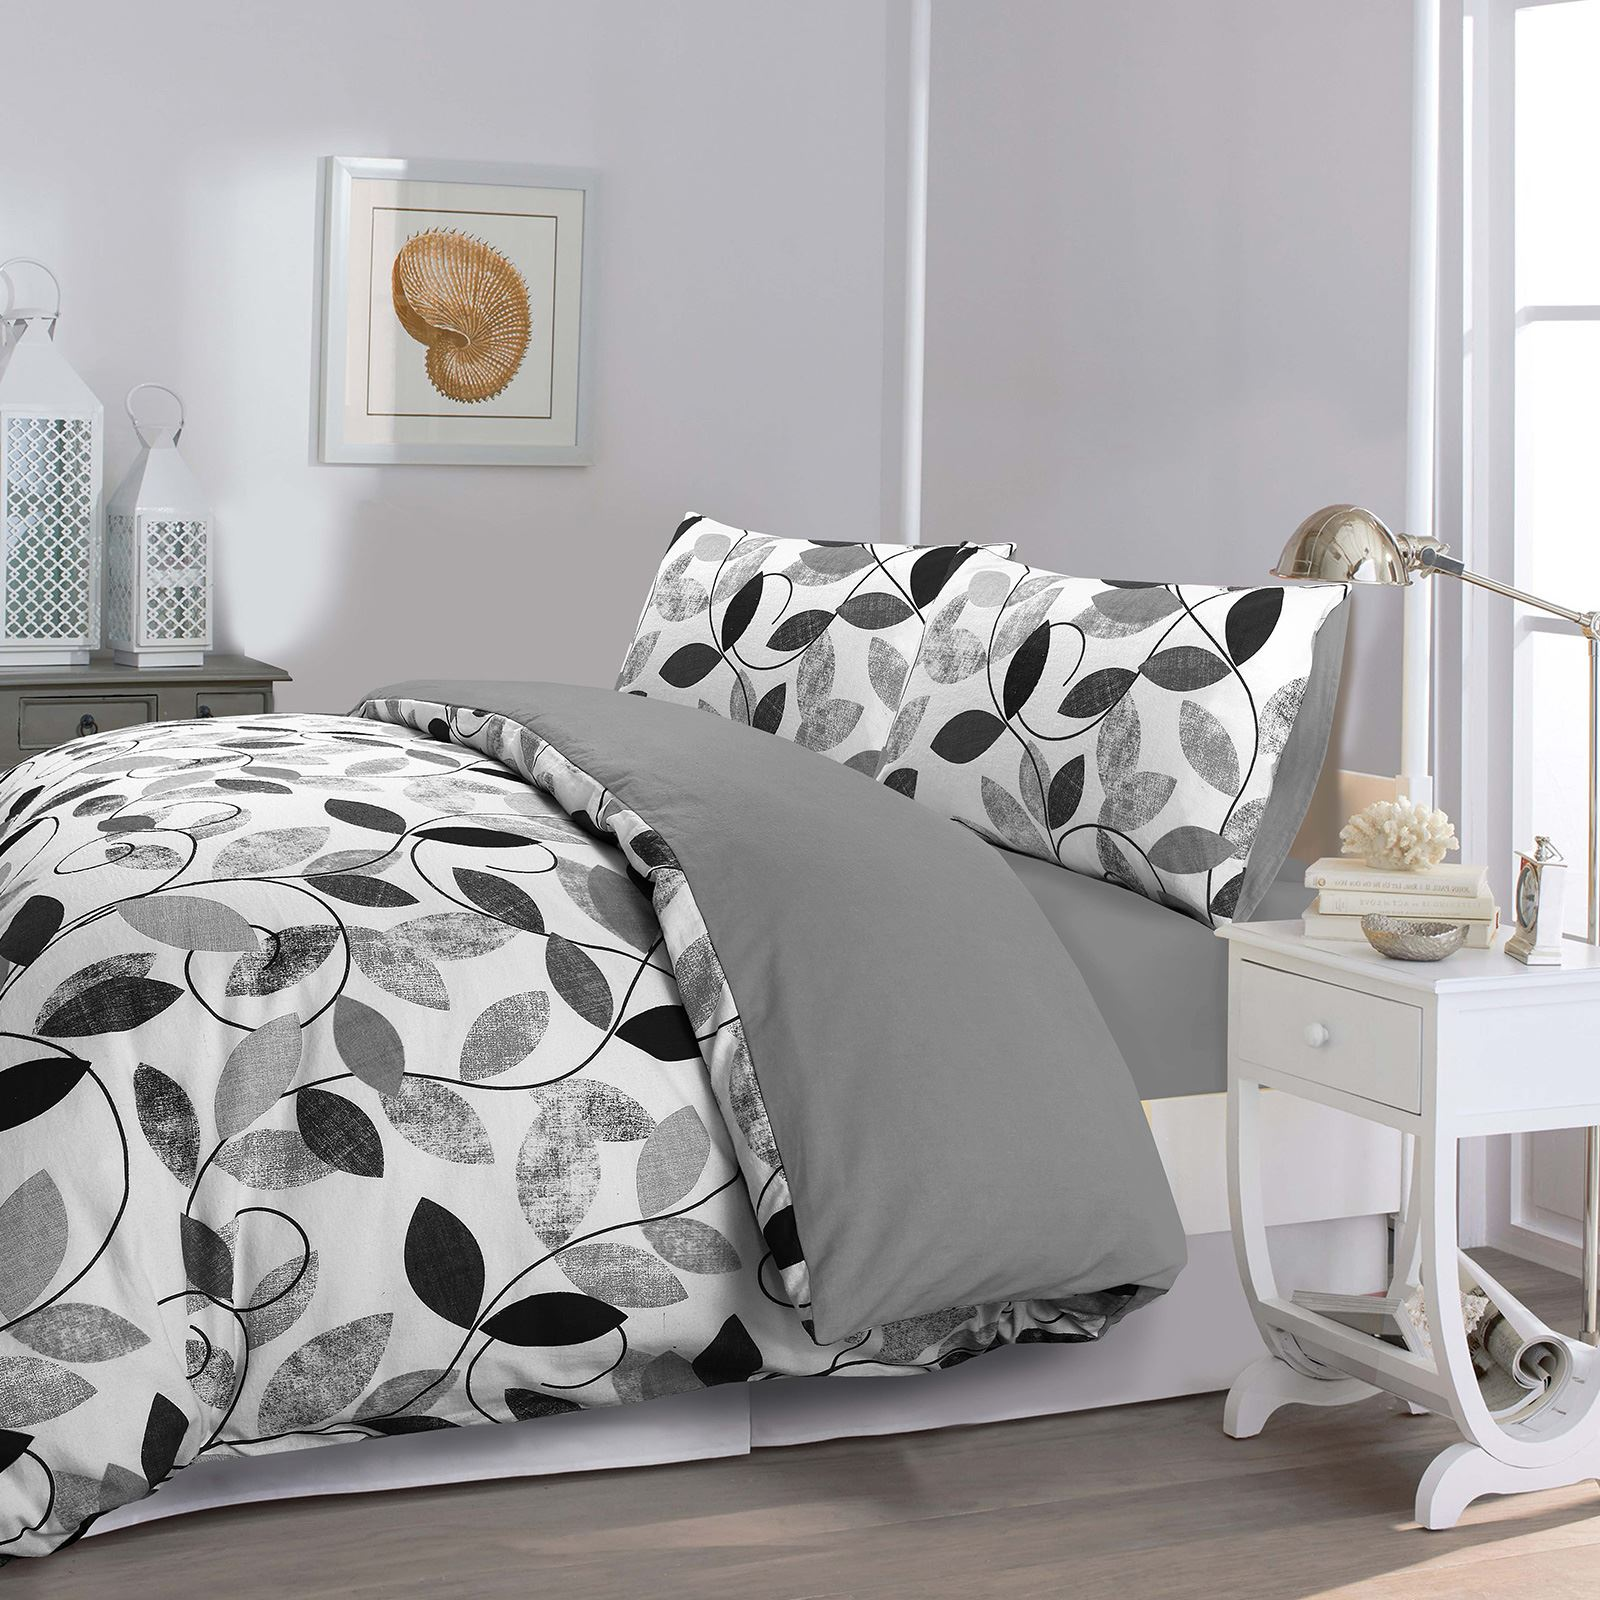 Super Soft 100/% Brushed Cotton Grey /& Black Flannel Flannelette Duvet Cover Set